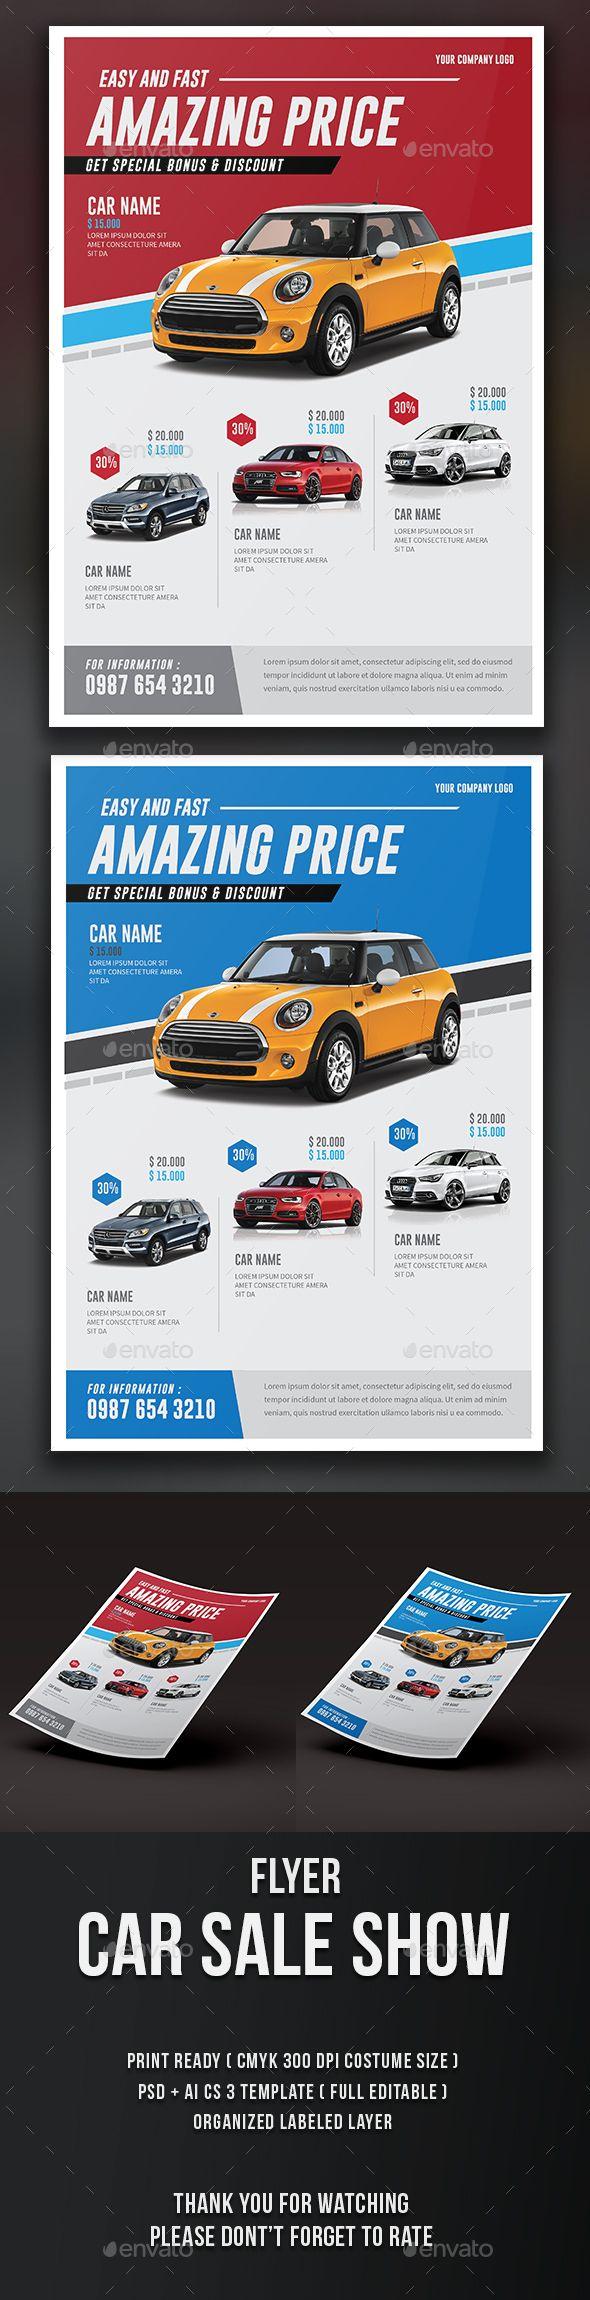 Car Sale Show Flyer – Car Sale Flyer